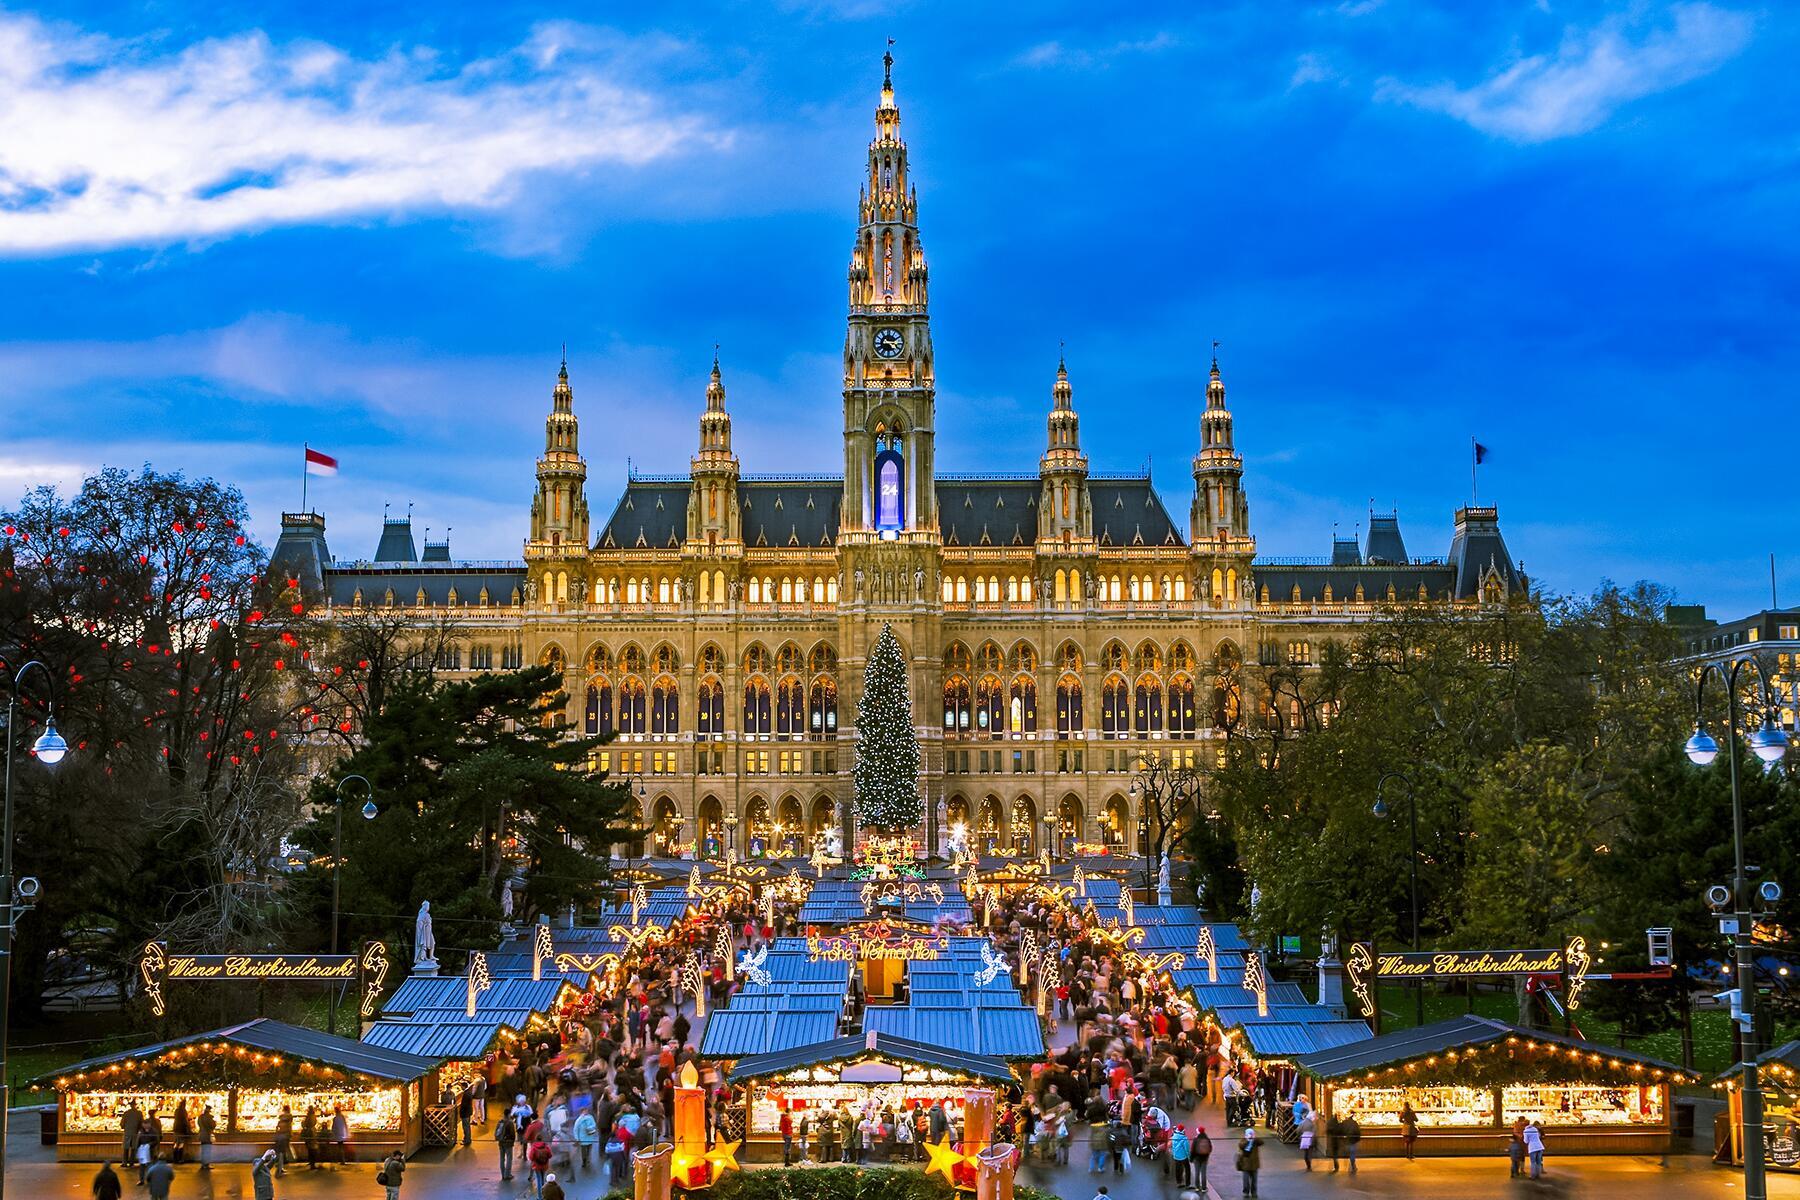 10 Awe-Inspiring Holiday Light Displays in Europe